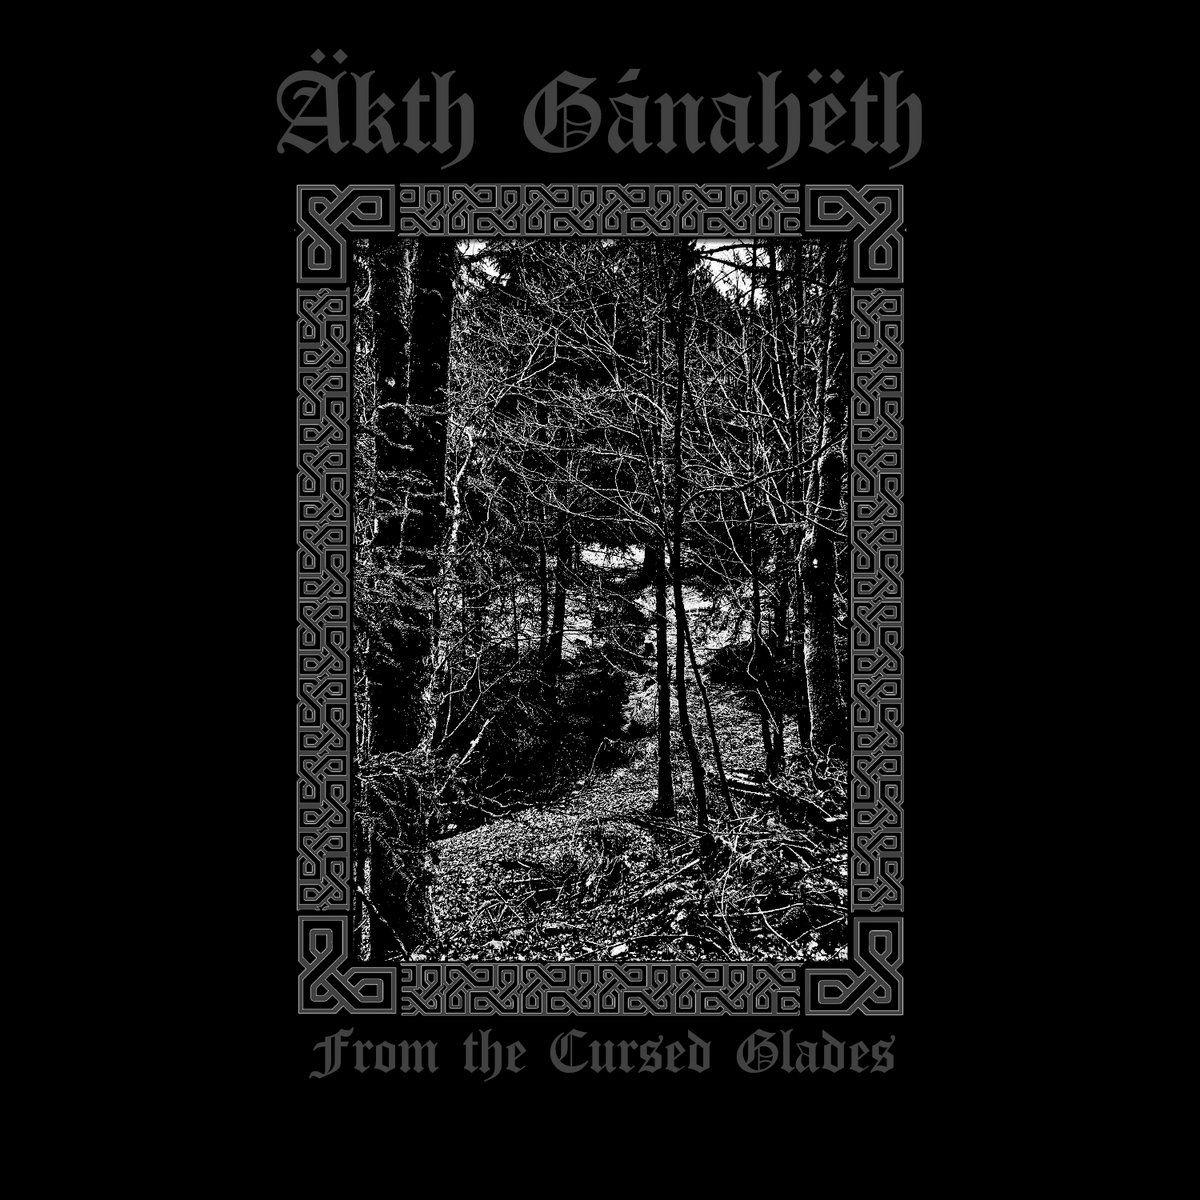 Reviews for Äkth Gánahëth - From the Cursed Glades